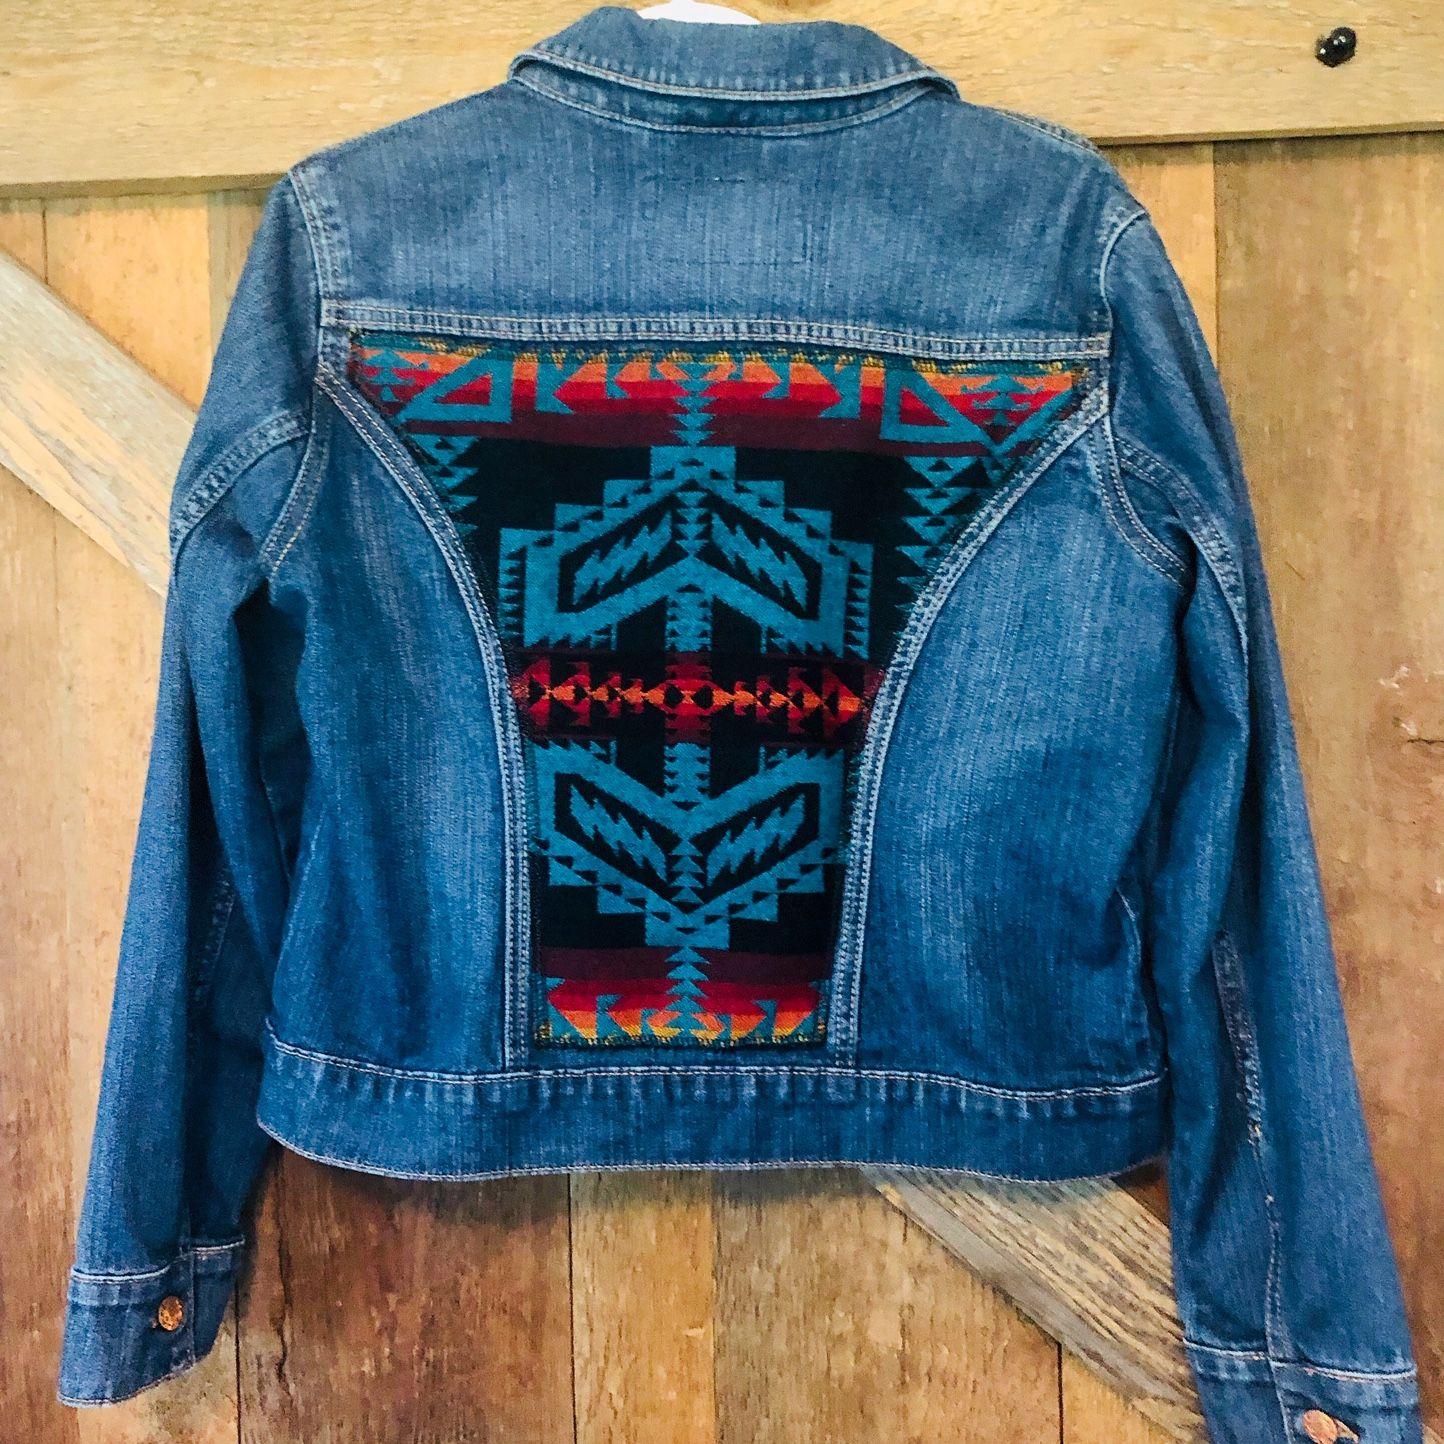 Pendleton Wool Denim Jacket Diy Denim Jacket Embellished Denim Jacket Upcycled Denim Jacket [ 1444 x 1444 Pixel ]